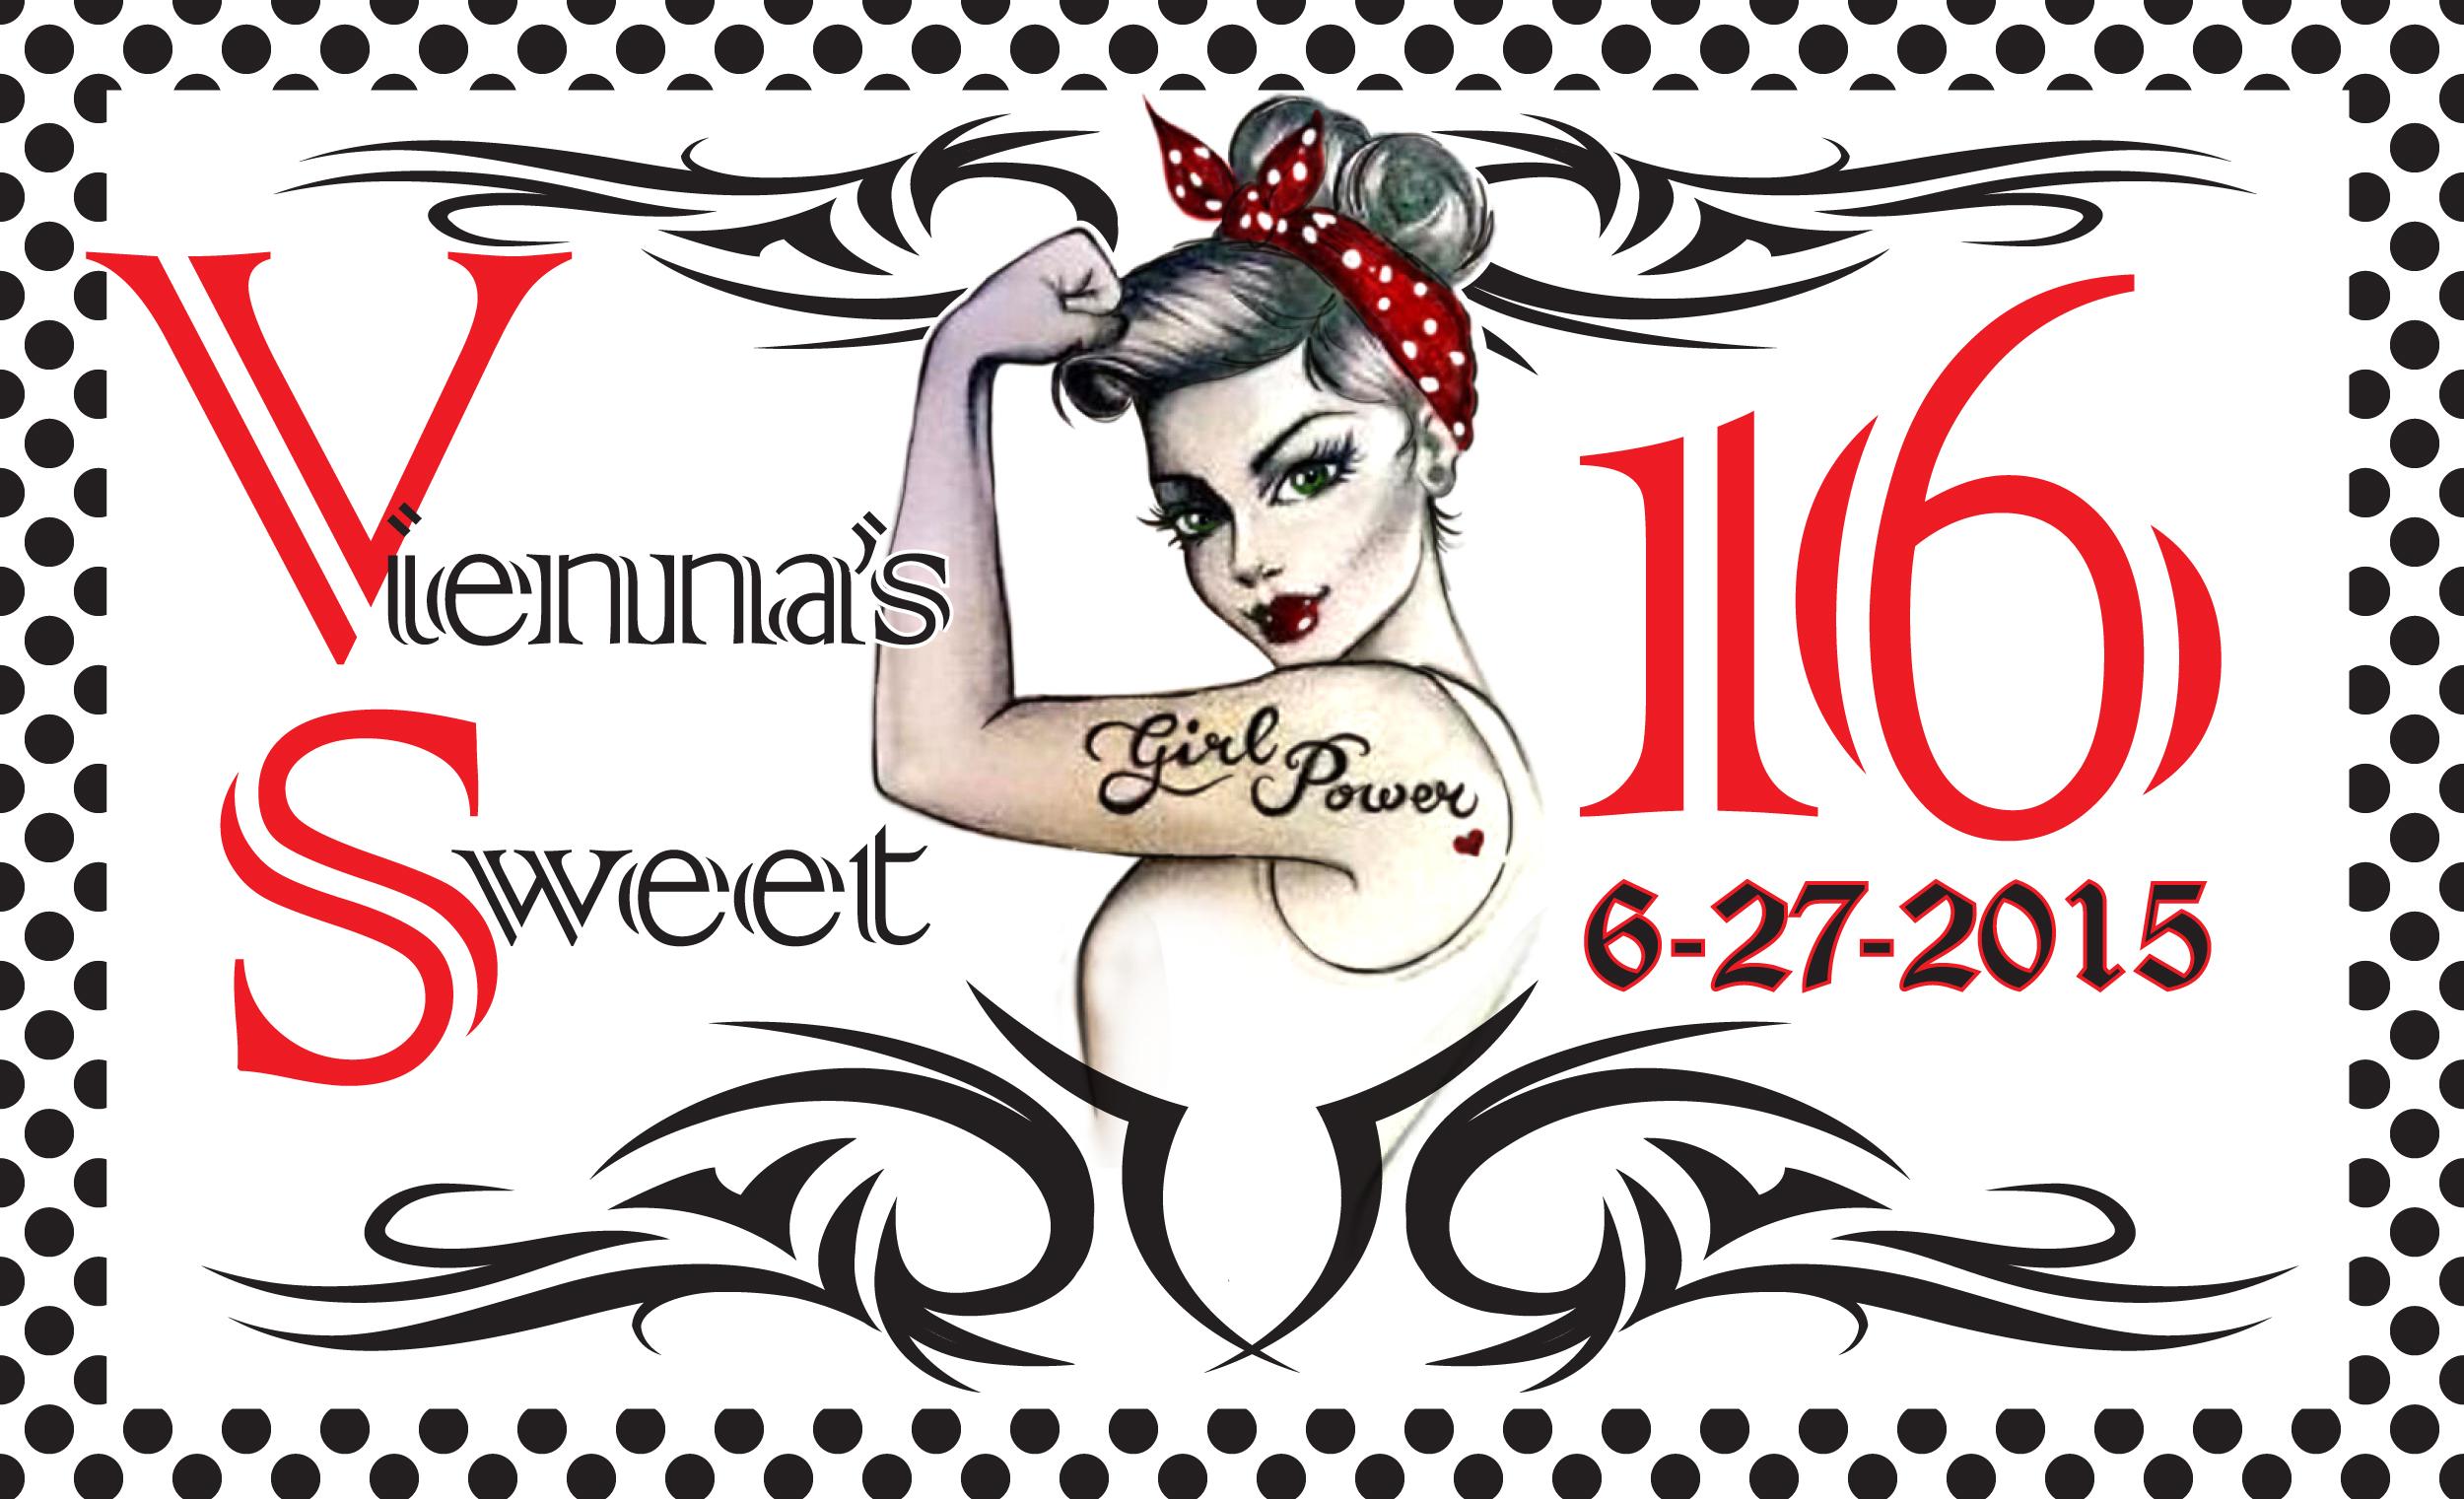 Vienna Sweet 16 Revised (1).jpg